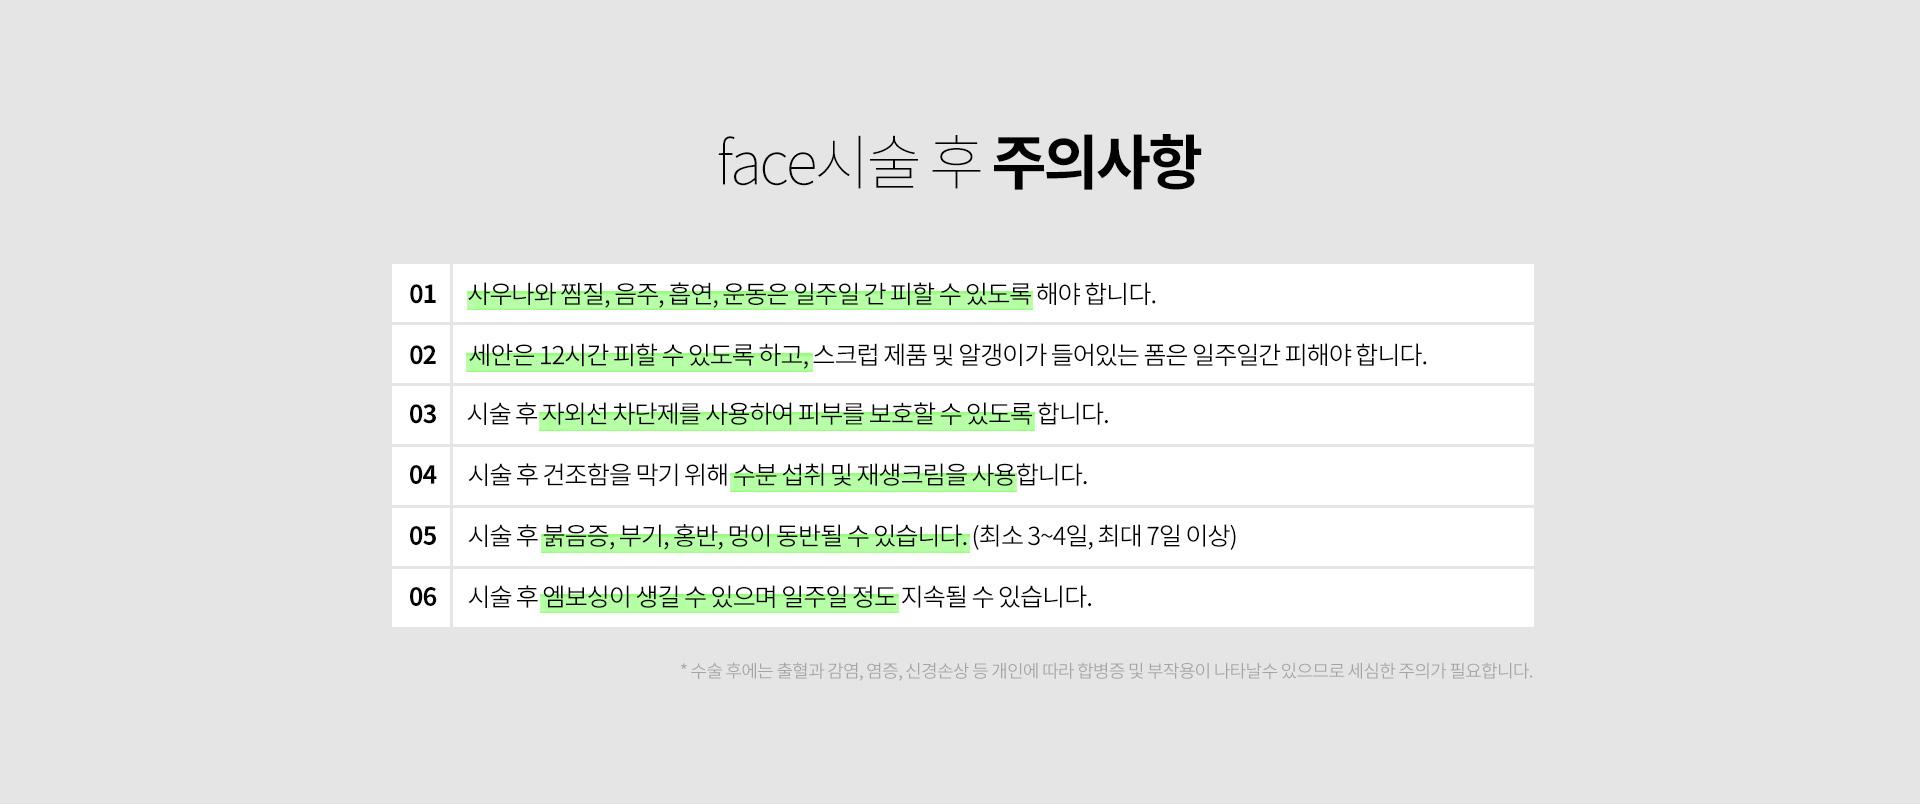 face주사 05